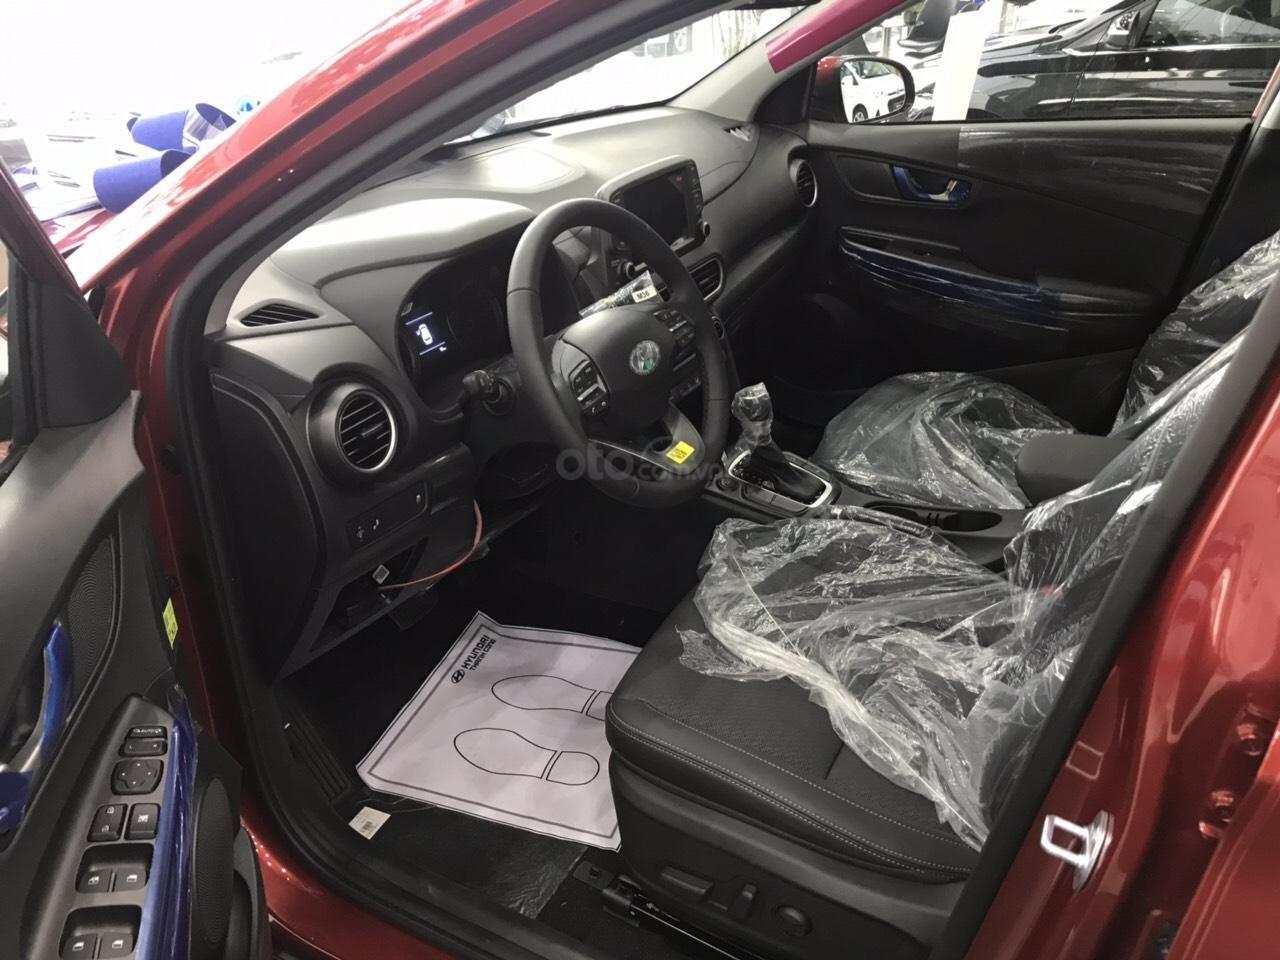 Hyundai An Phú bán Hyundai Kona giá tốt, hỗ trợ trả góp lãi suất ưu đãi, liên hệ Mr Nghĩa 0902870848 để được hỗ trợ (3)